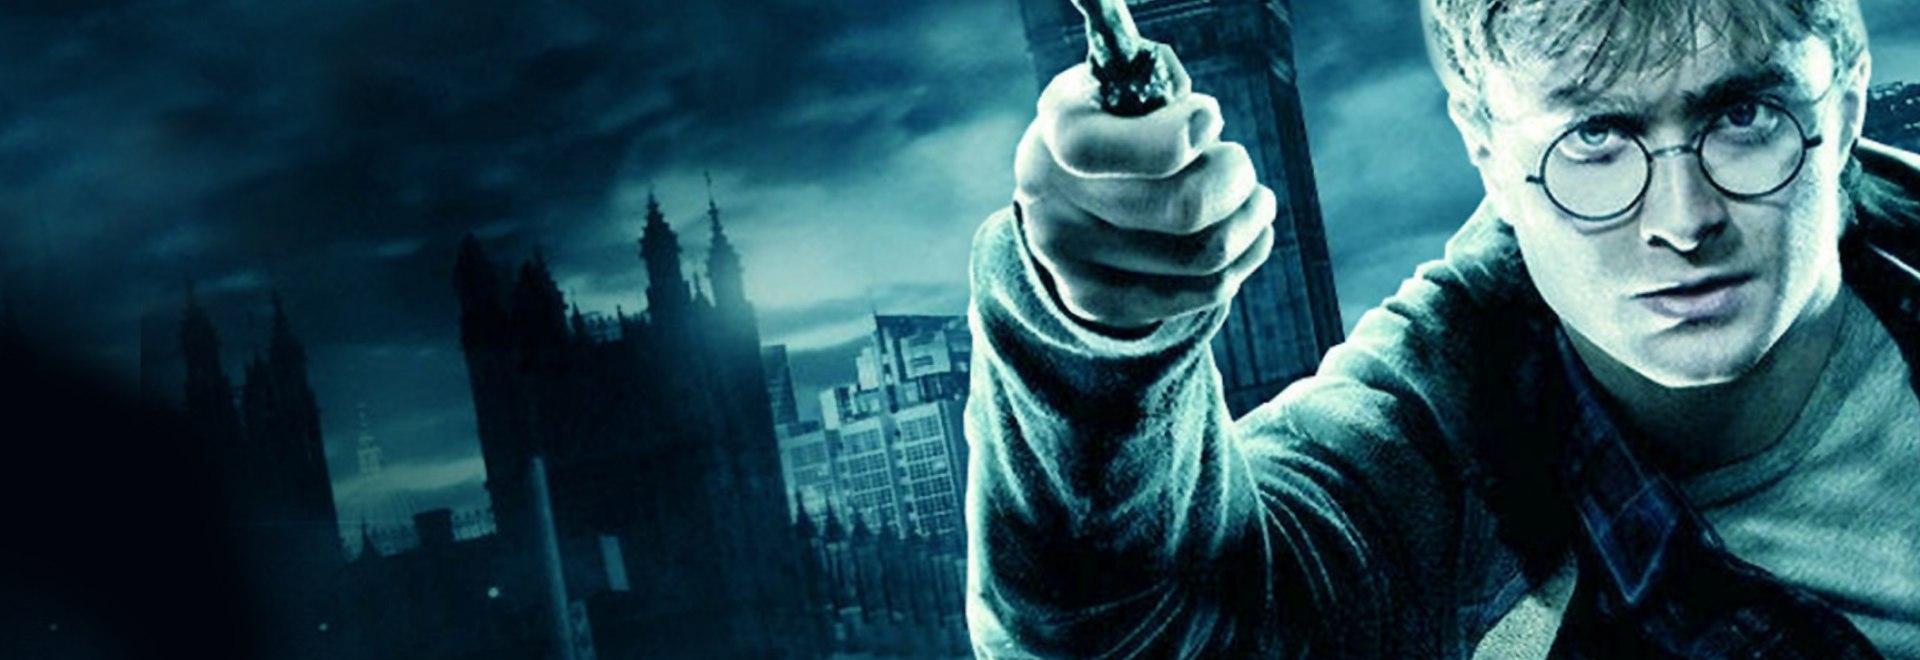 Harry Potter e i doni della morte: Parte I